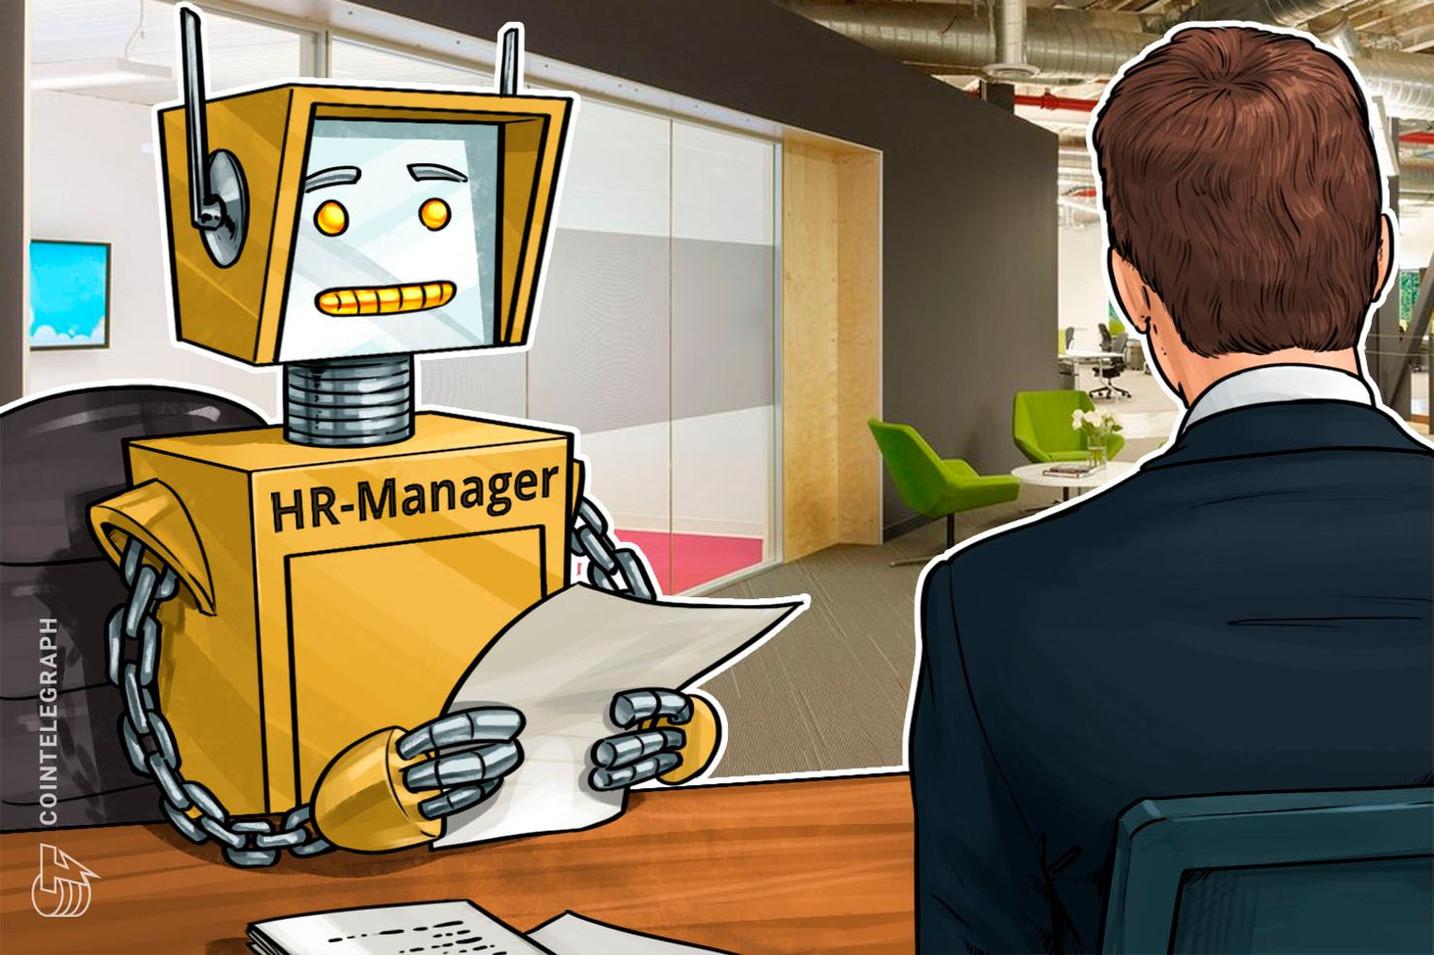 仮想通貨の低迷で米ハイテク企業のブロックチェーン専門家獲得競争が激化か